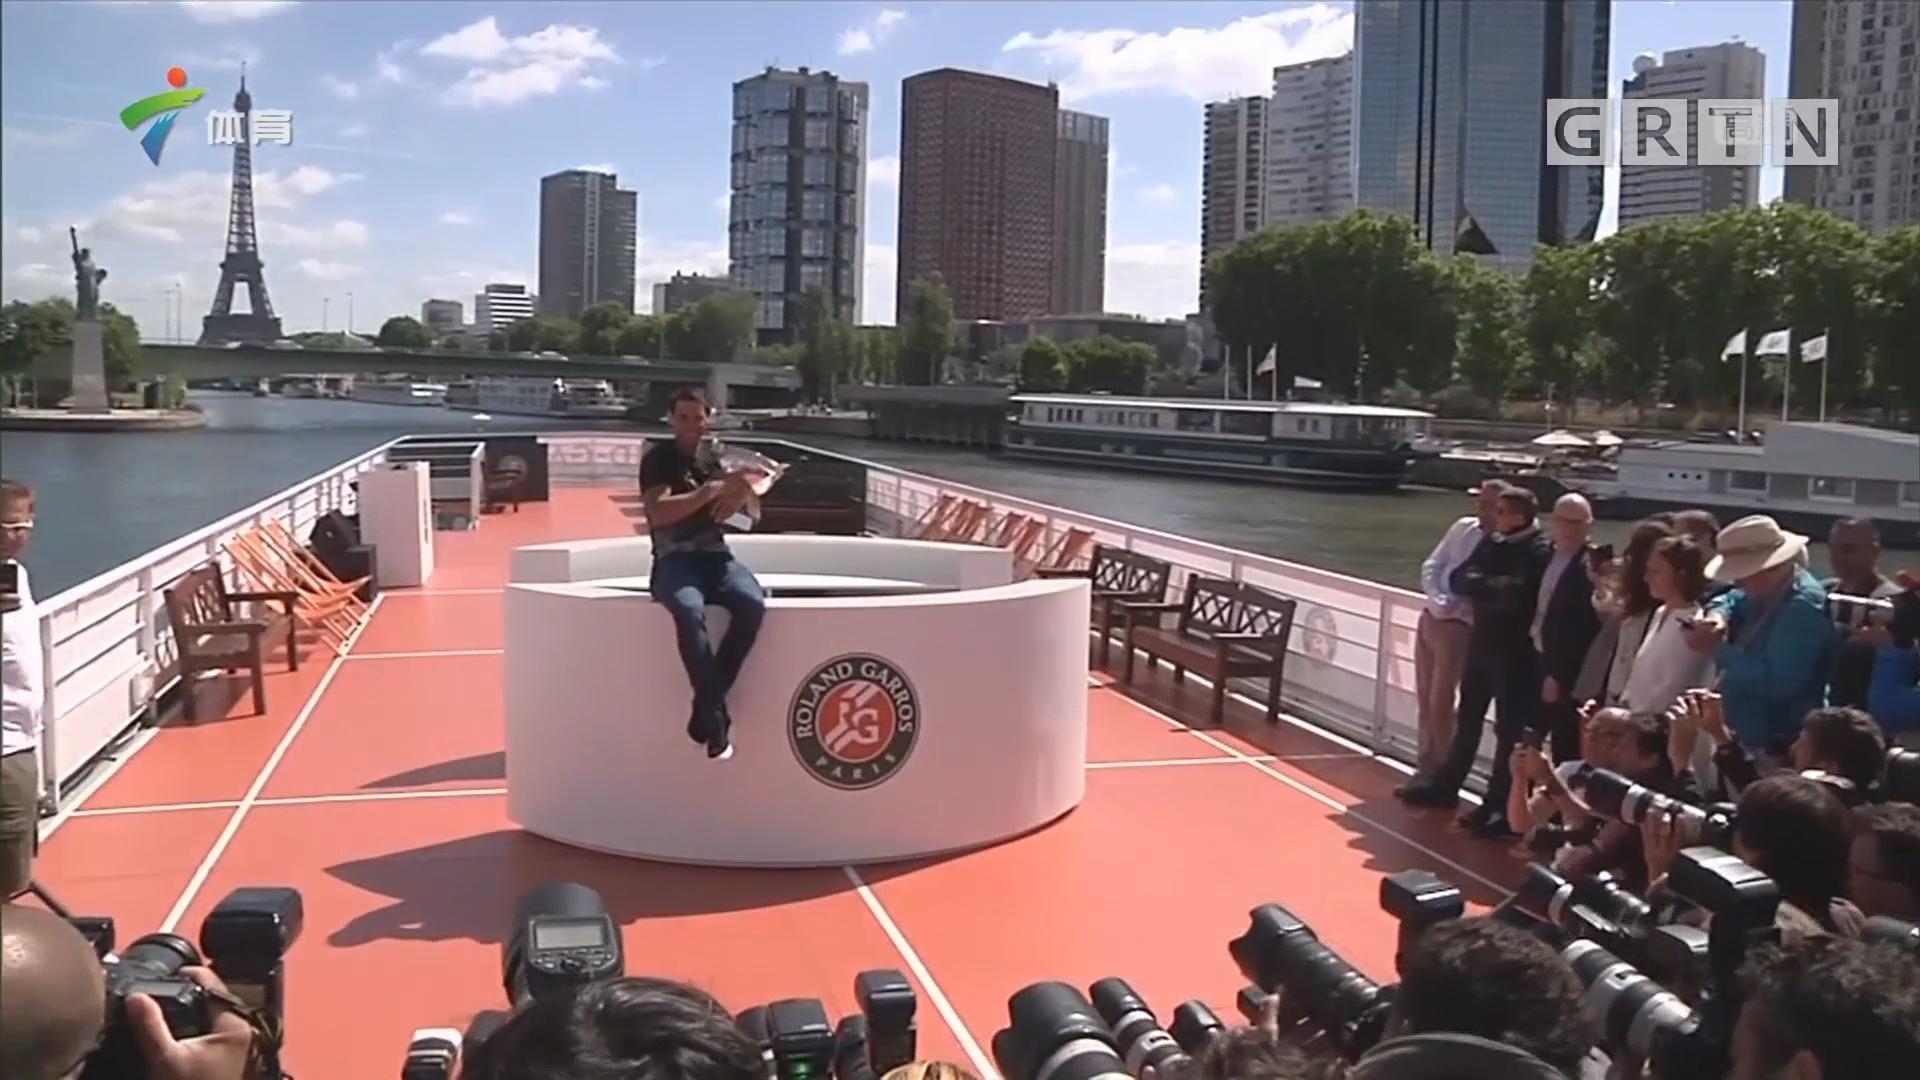 纳达尔亮相塞纳河 拍摄法网冠军写真